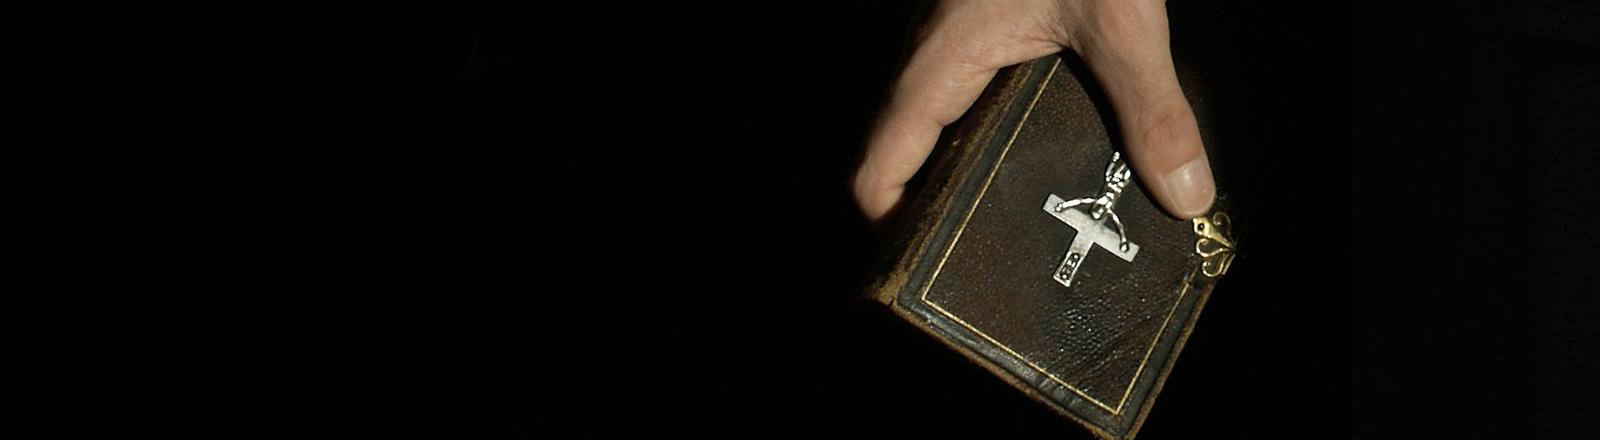 Eine Hand hält eine Bibel.